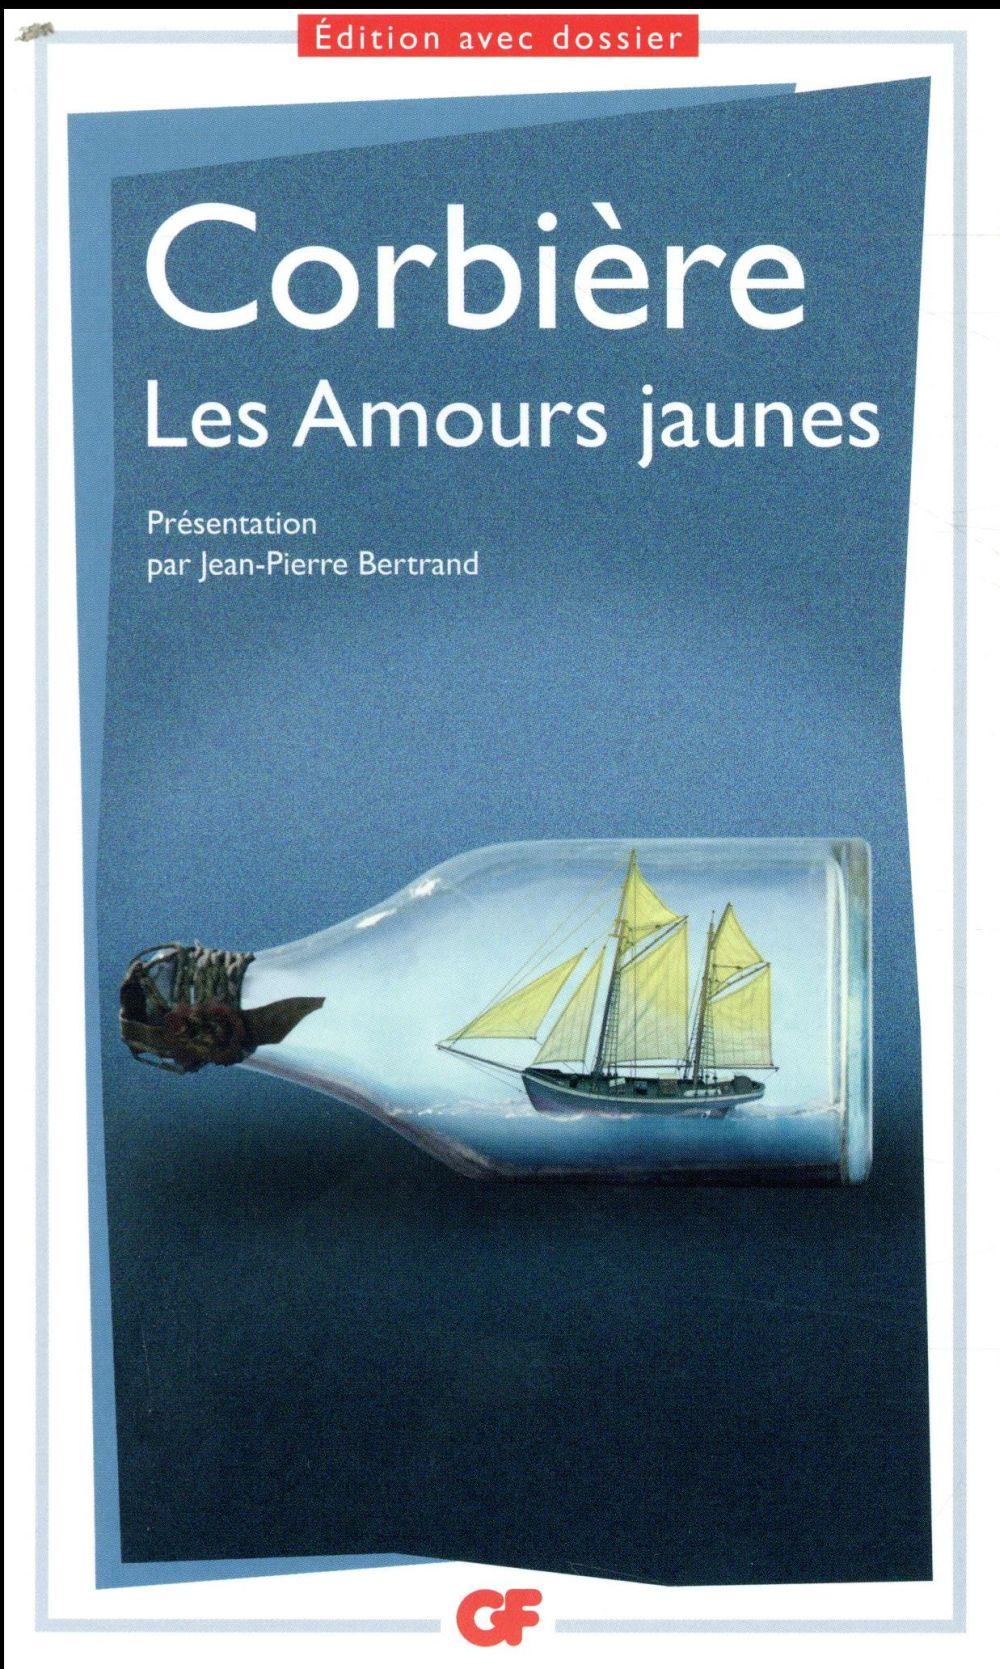 LES AMOURS JAUNES CORBIERE TRISTAN FLAMMARION